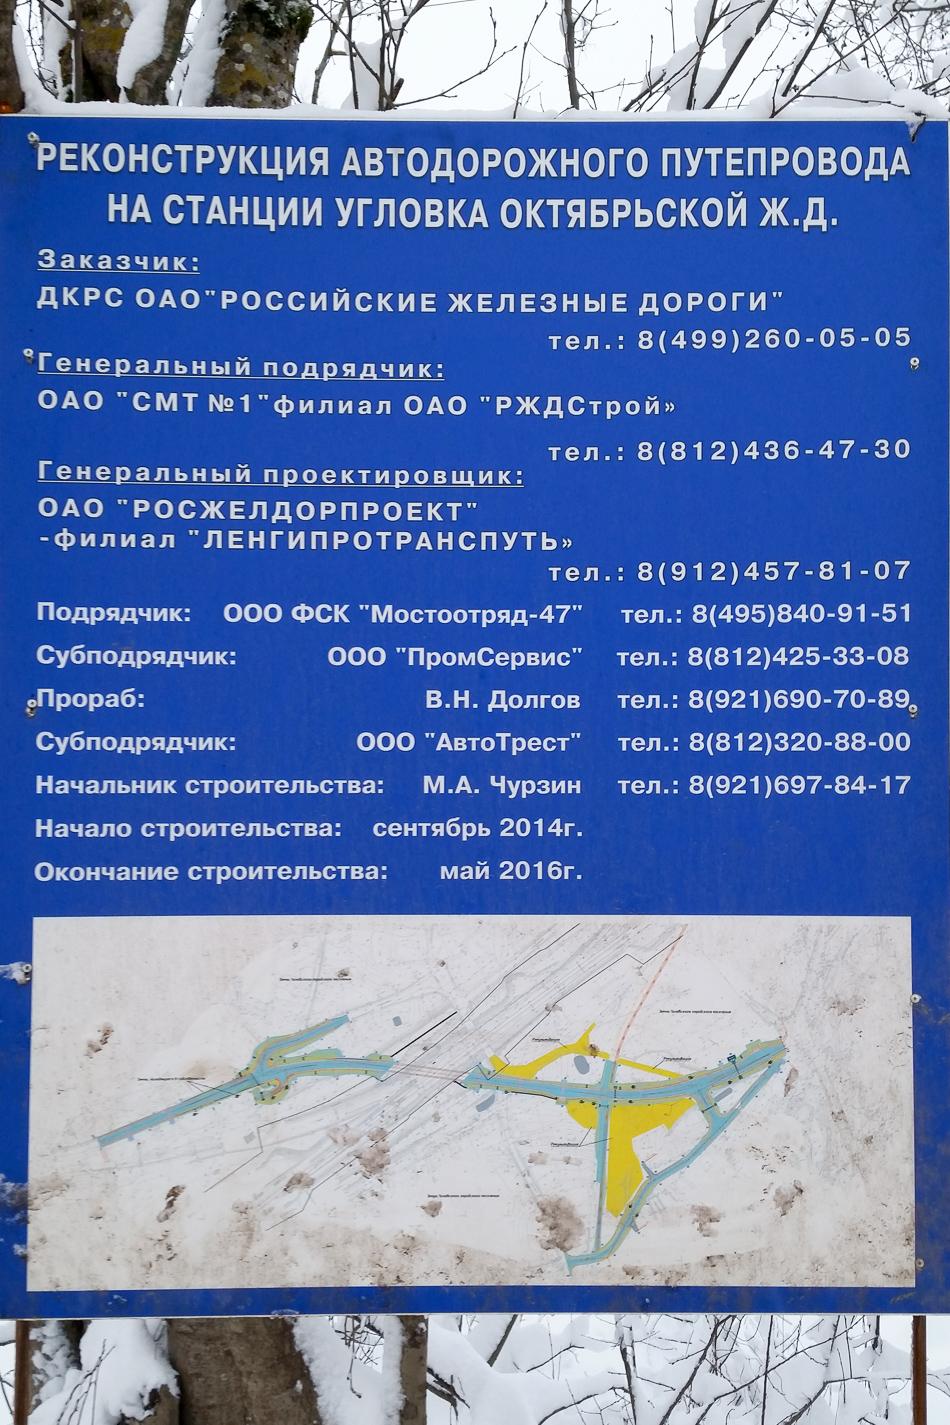 Информационный щит о строительстве моста над железной дорогой.